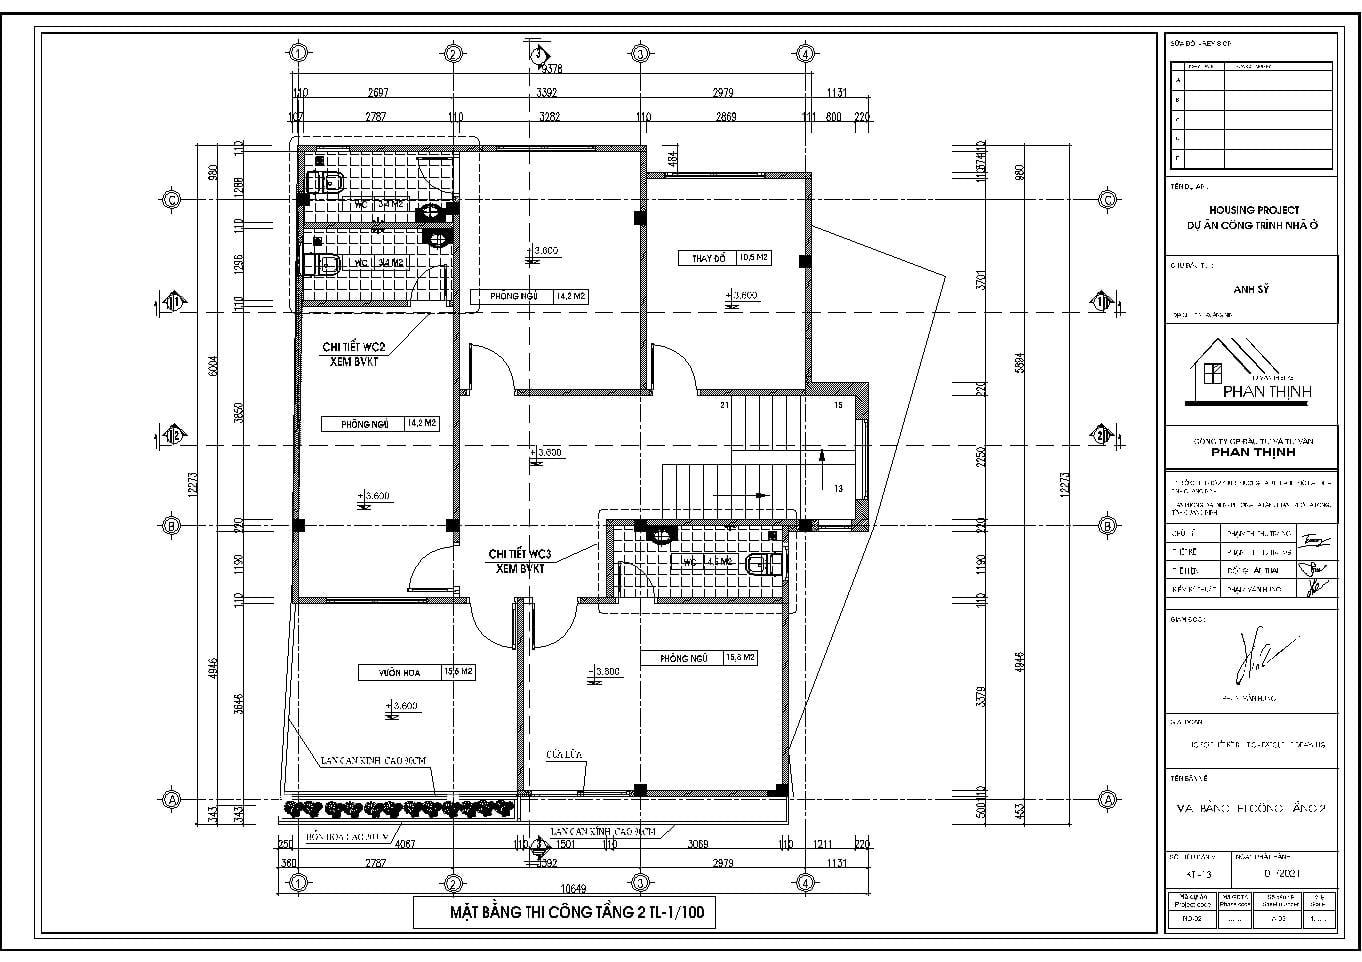 Mặt bằng thi công tầng 2 của ngôi nhà phố 3 tầng